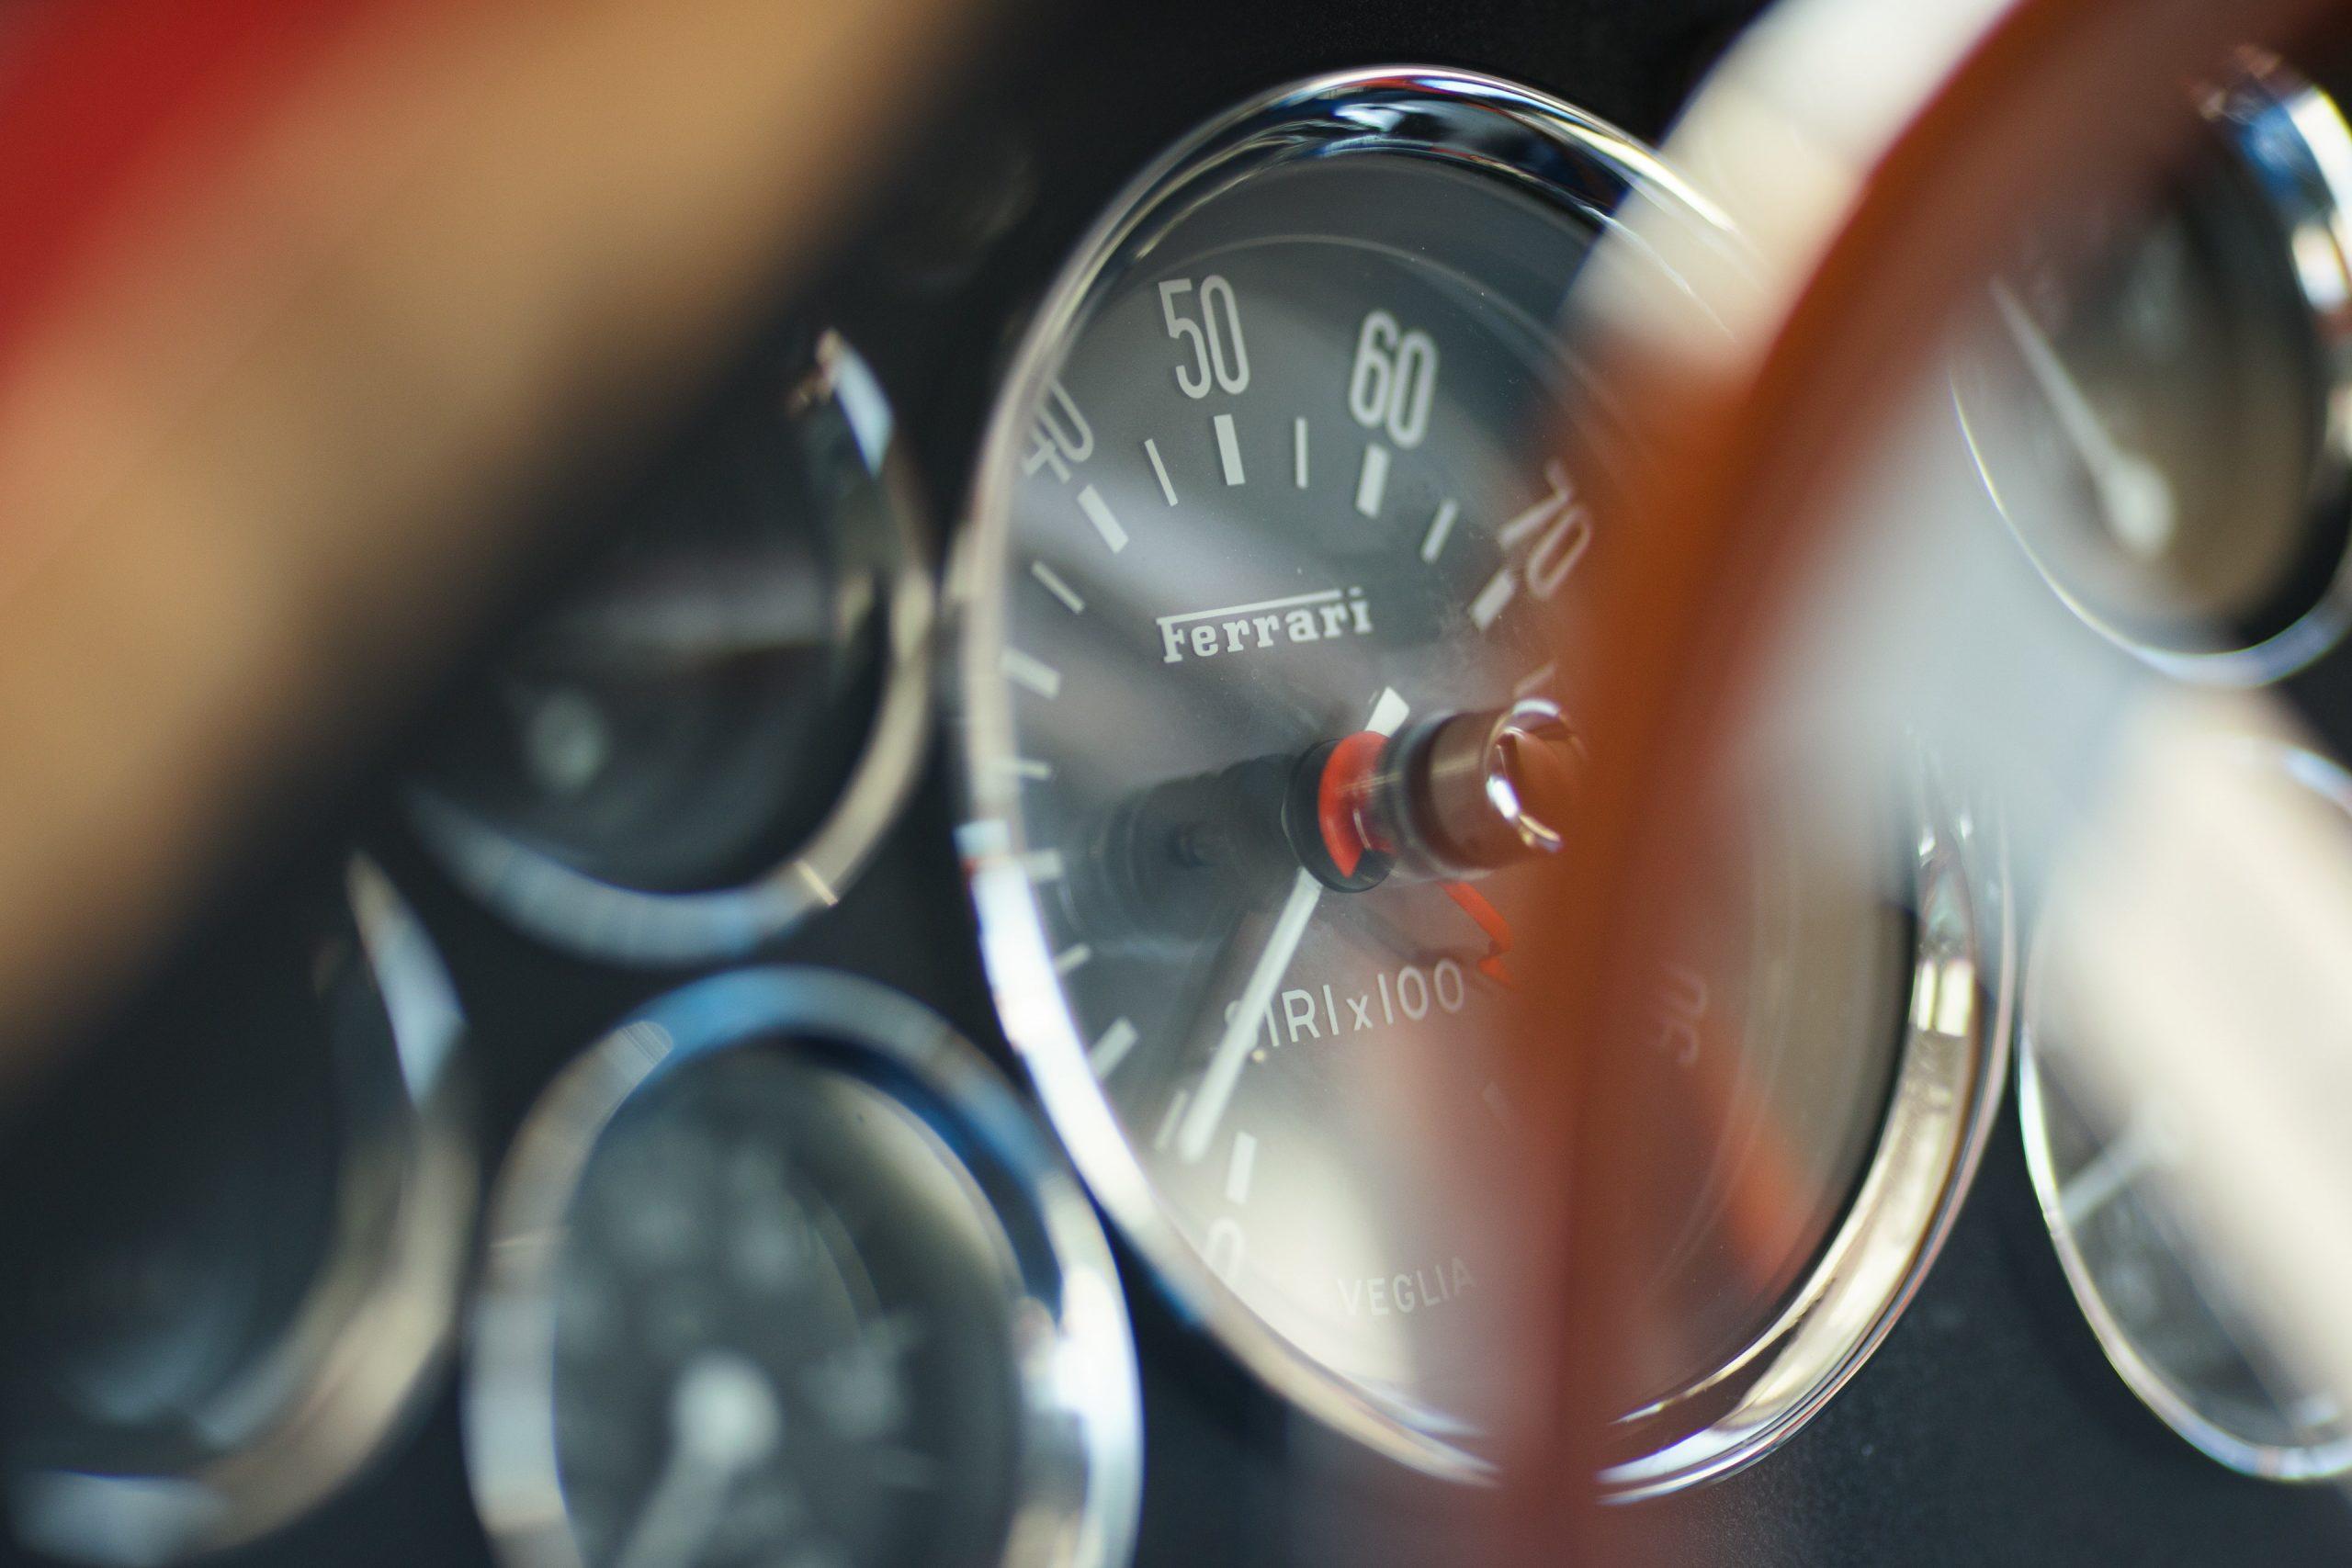 Thunderhill Ferrari gauge detail